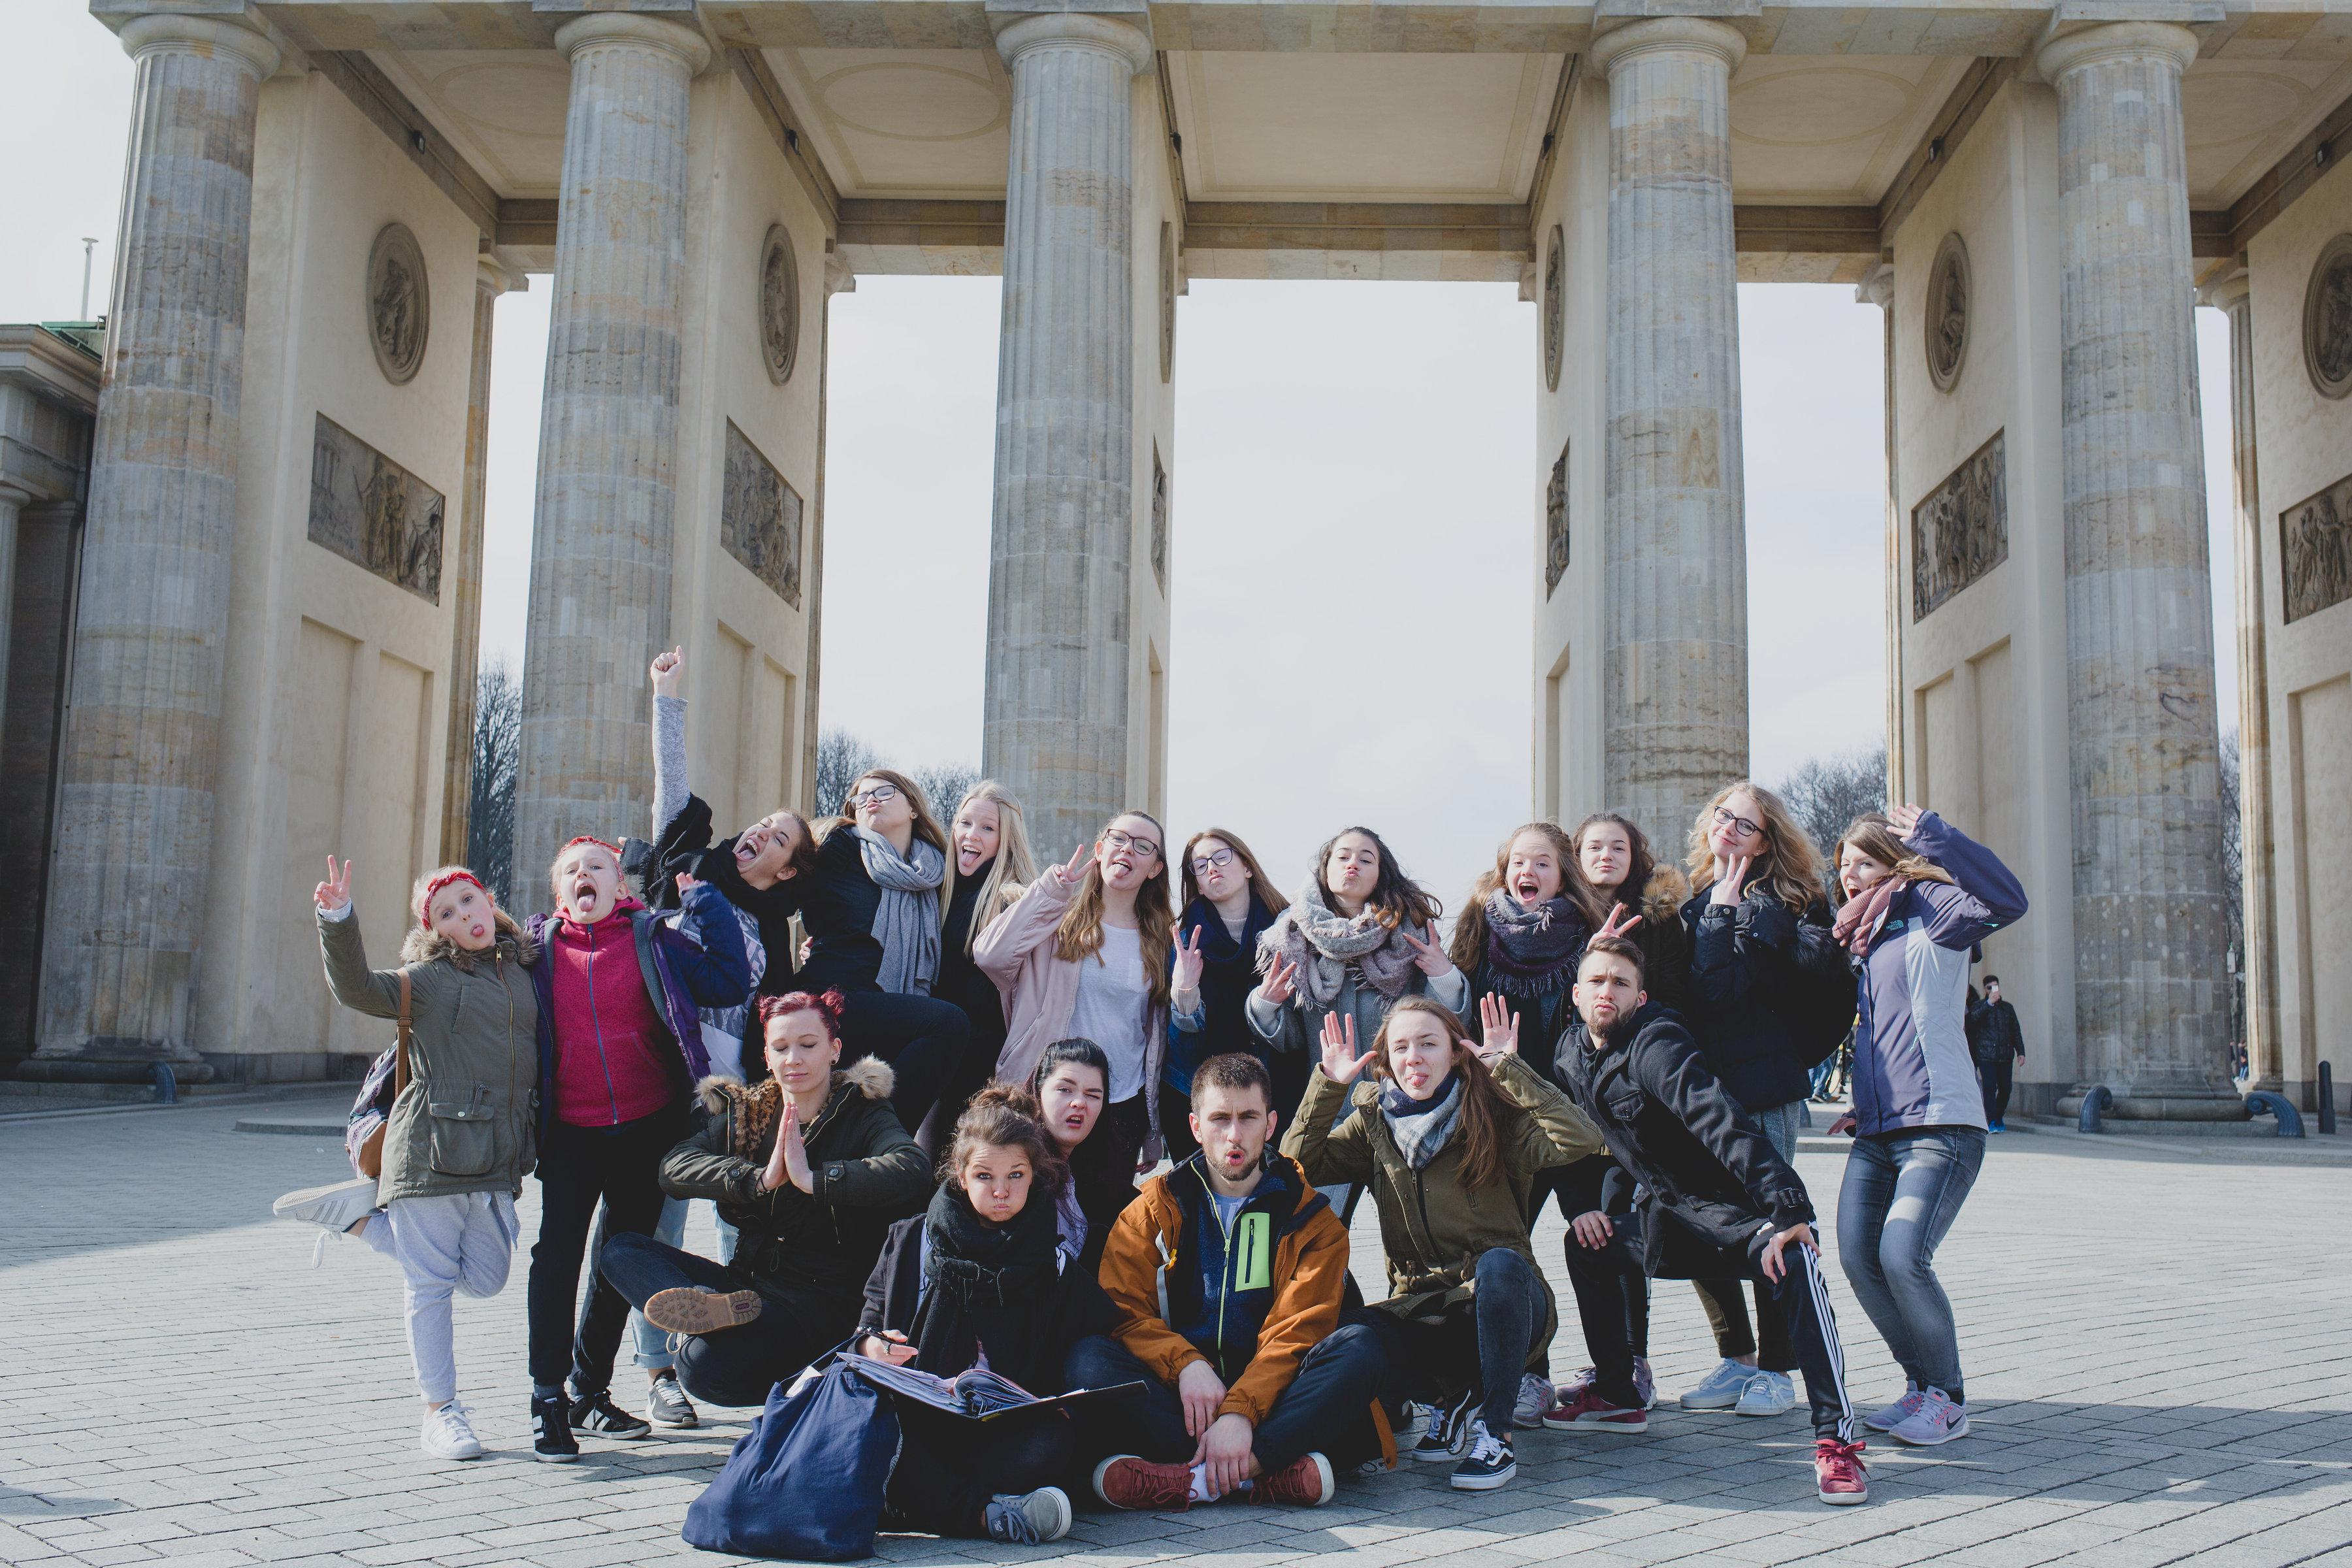 CS_juzelohr-berlin-246